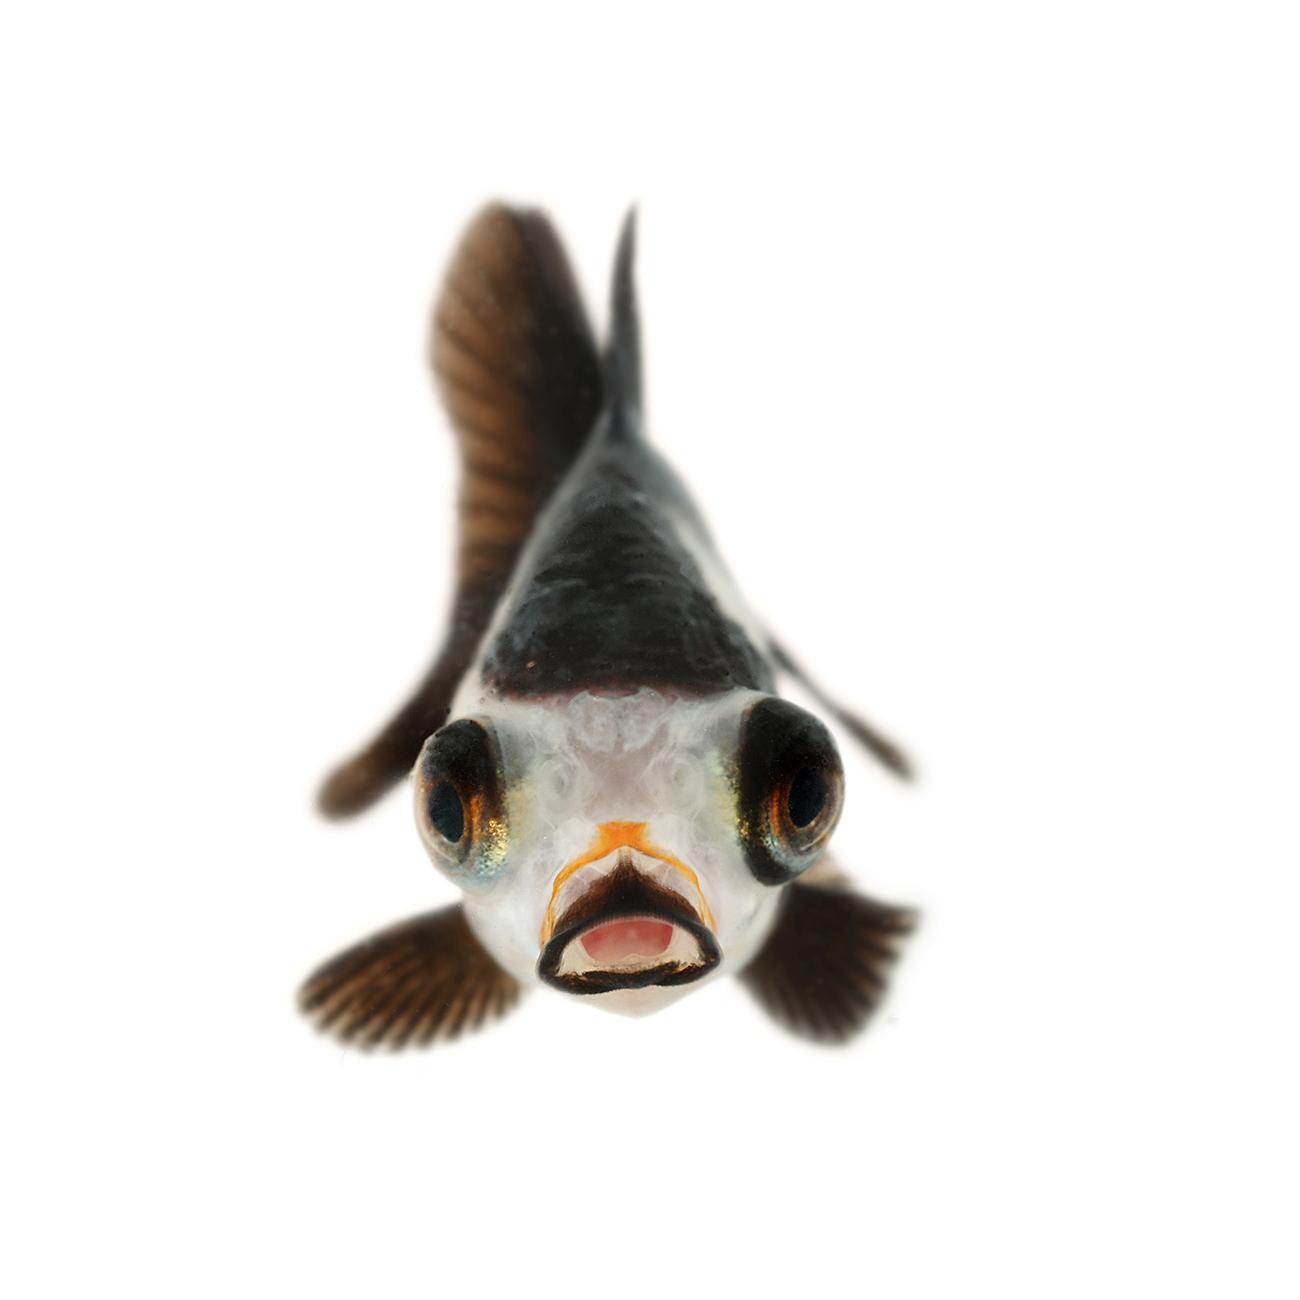 展示作品は、空間に金魚が漂っている浮遊金魚が人気の安堂真季(@wato218)や金魚の正面写真うおづらが話題の森岡篤(@at_pin_at_pin)らが新作を展示するほか、女性の姿を重ねた金魚イラストが特徴的な晴智ありさ(@xATSURIx)や墨汁金魚イラストが可愛い西野真弓(@mayumi_nishino1130)らが初出展、貴重な原画を販売予定です。